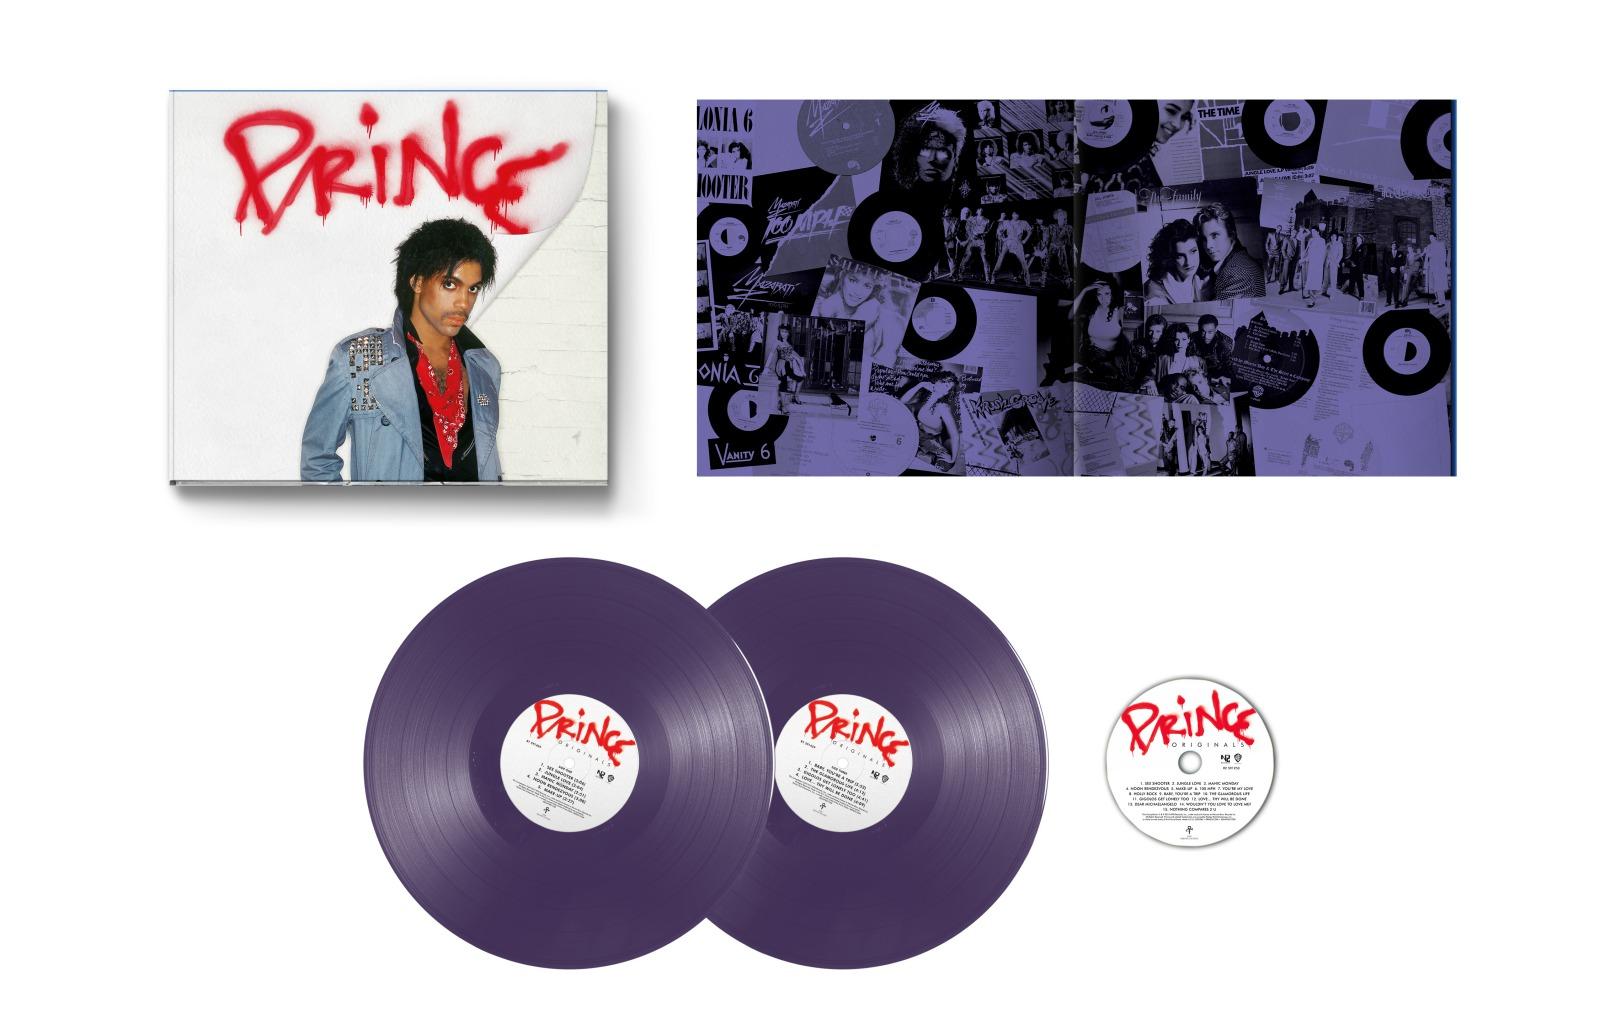 完全生産限定盤のプリンス『オリジナルズ:デラックス・エディション』が超豪華、特別仕様で本日7/19発売!